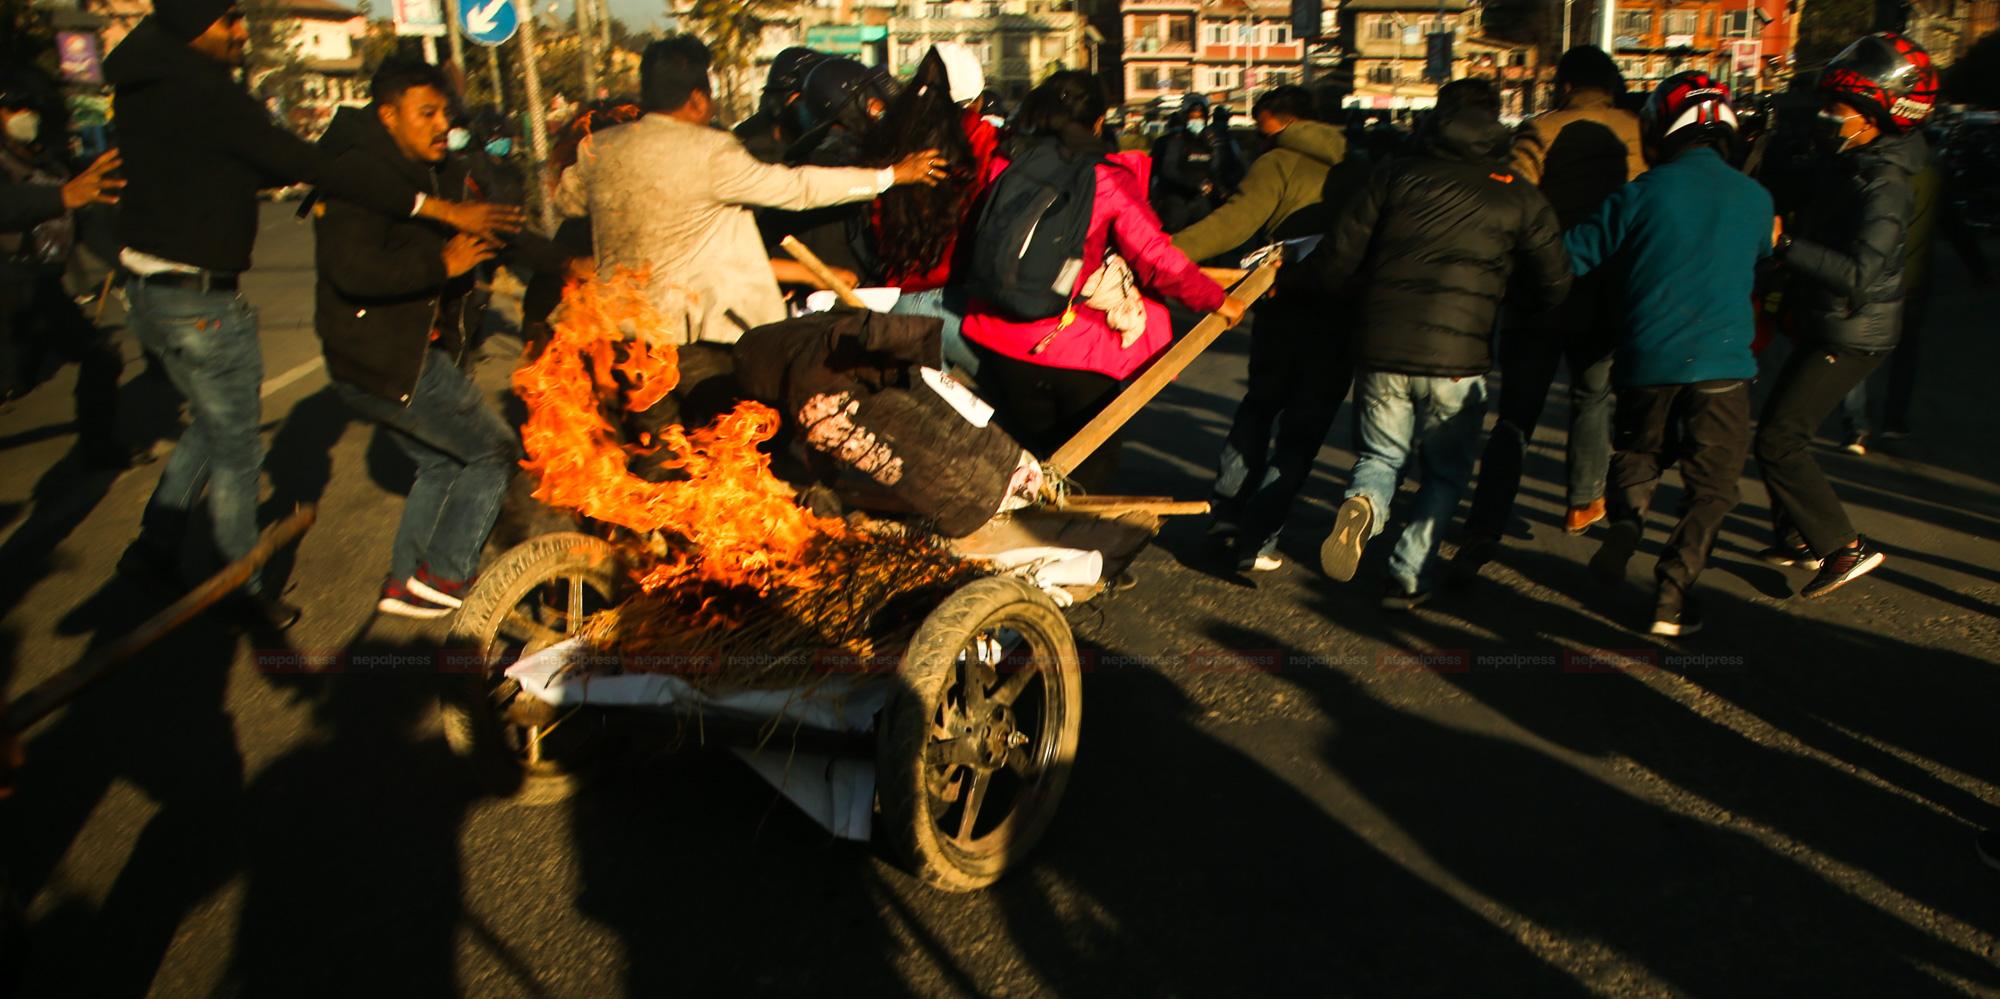 प्रचण्ड–माधव पक्षले बयलगाडामा पुत्ला जलाउँदा झडप (फोटो फिचर)